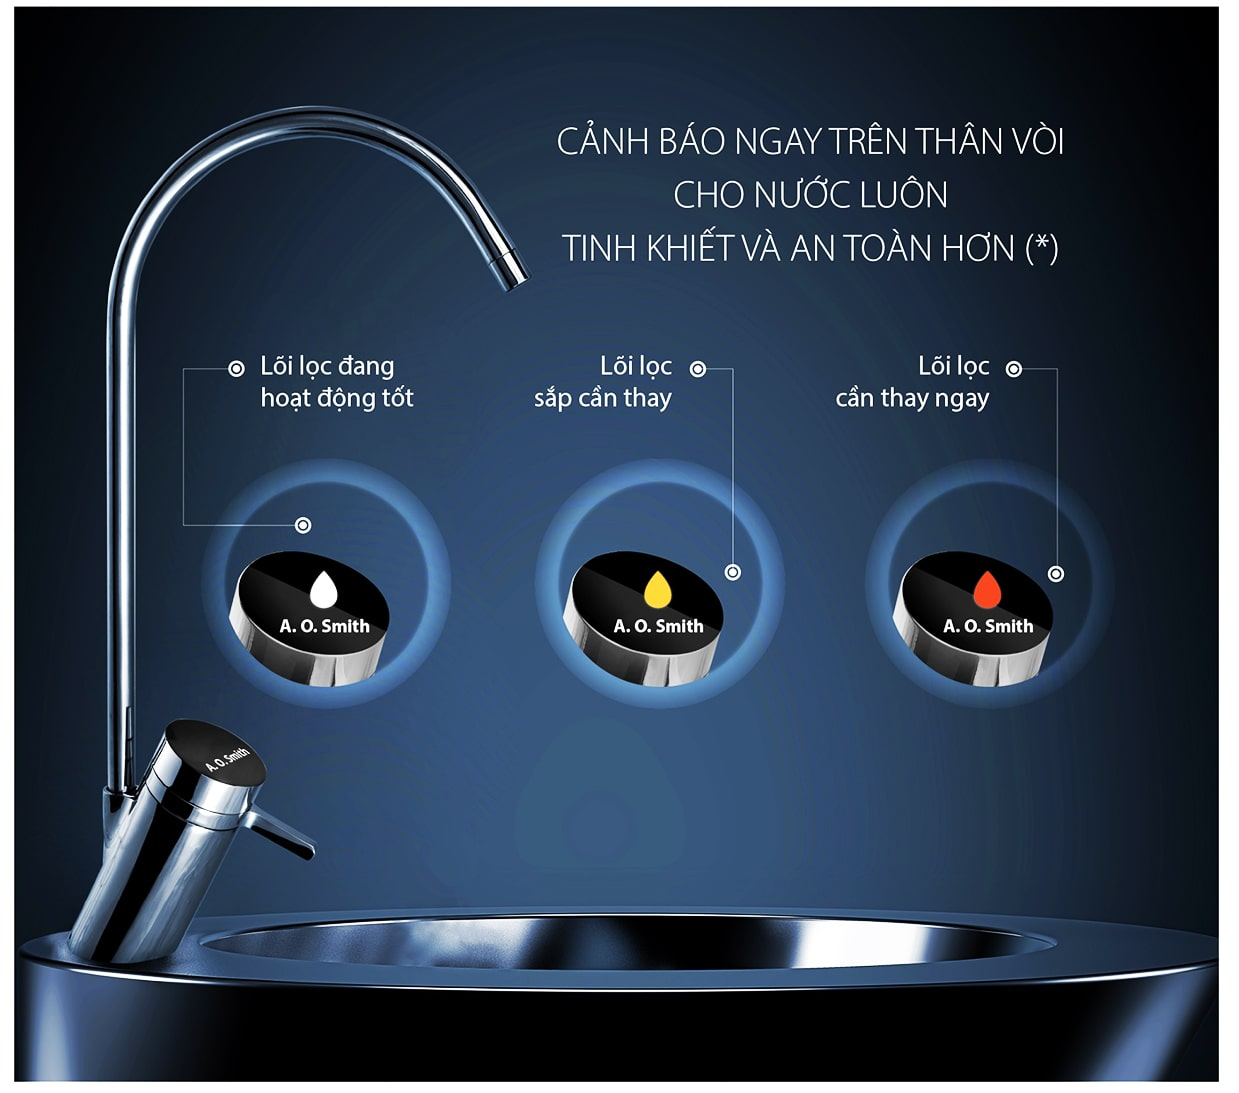 Vòi nước dùng cho máy lọc nước AoSmith E3 là vòi nước điện tử cao cấp